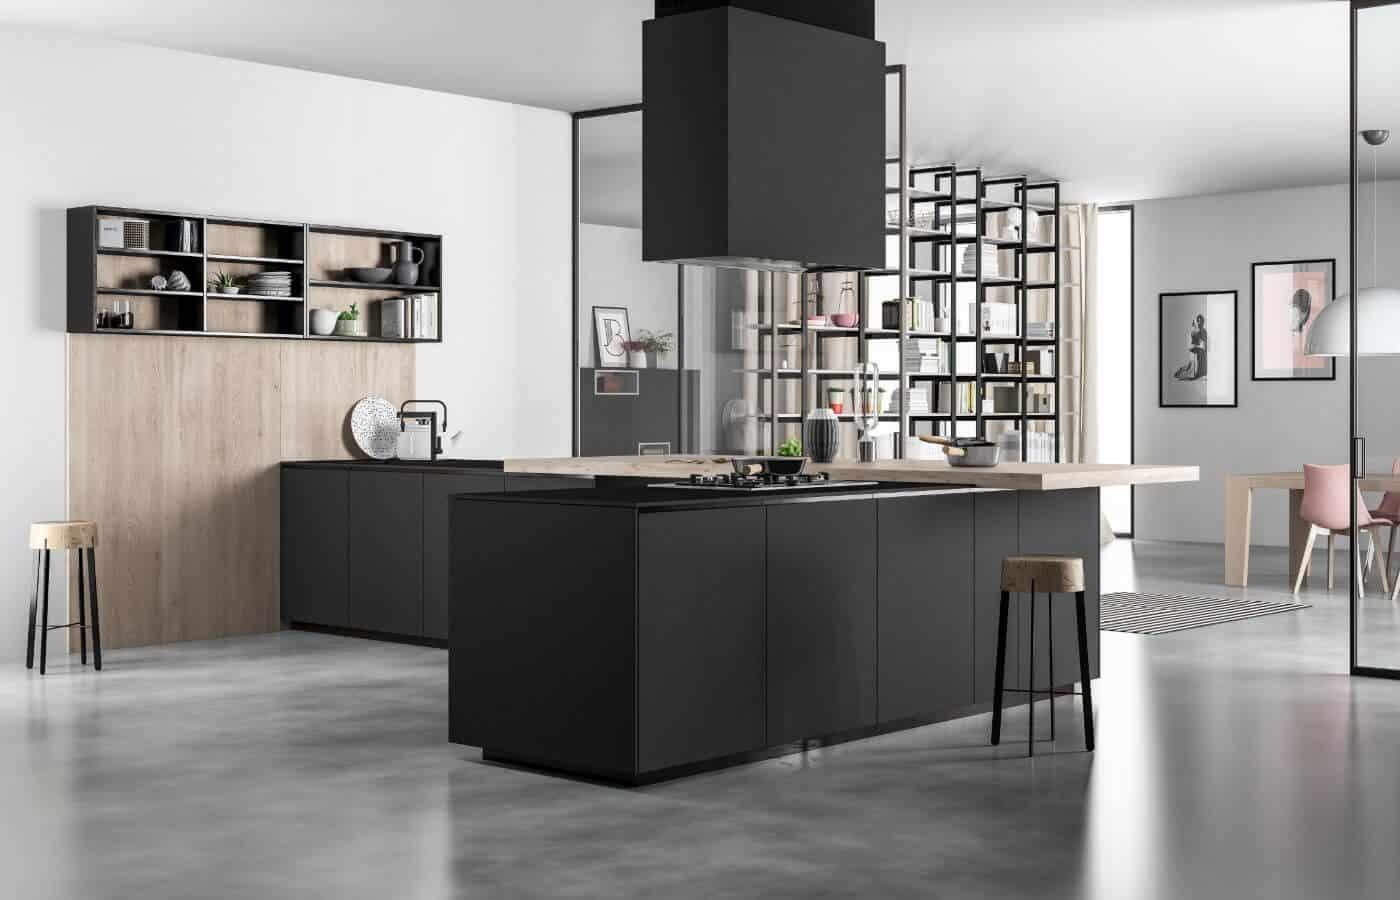 cucina-piano-snack-legno-sgabelli-collezione-quebec-il-mobile